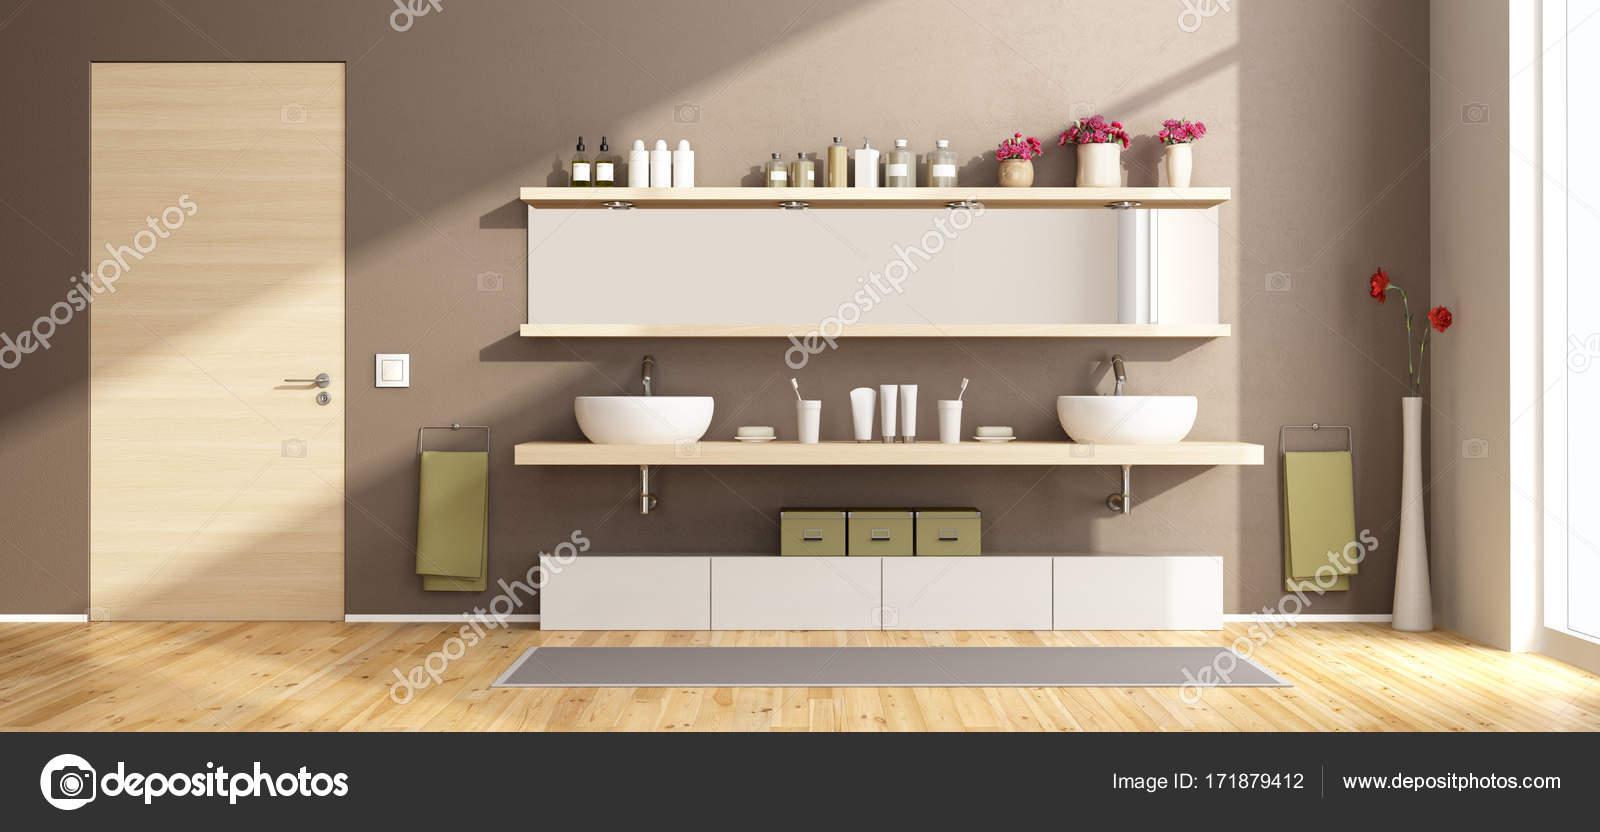 Ripiani In Legno Per Bagno : Moderno bagno con lavabi su ripiano in legno u foto stock